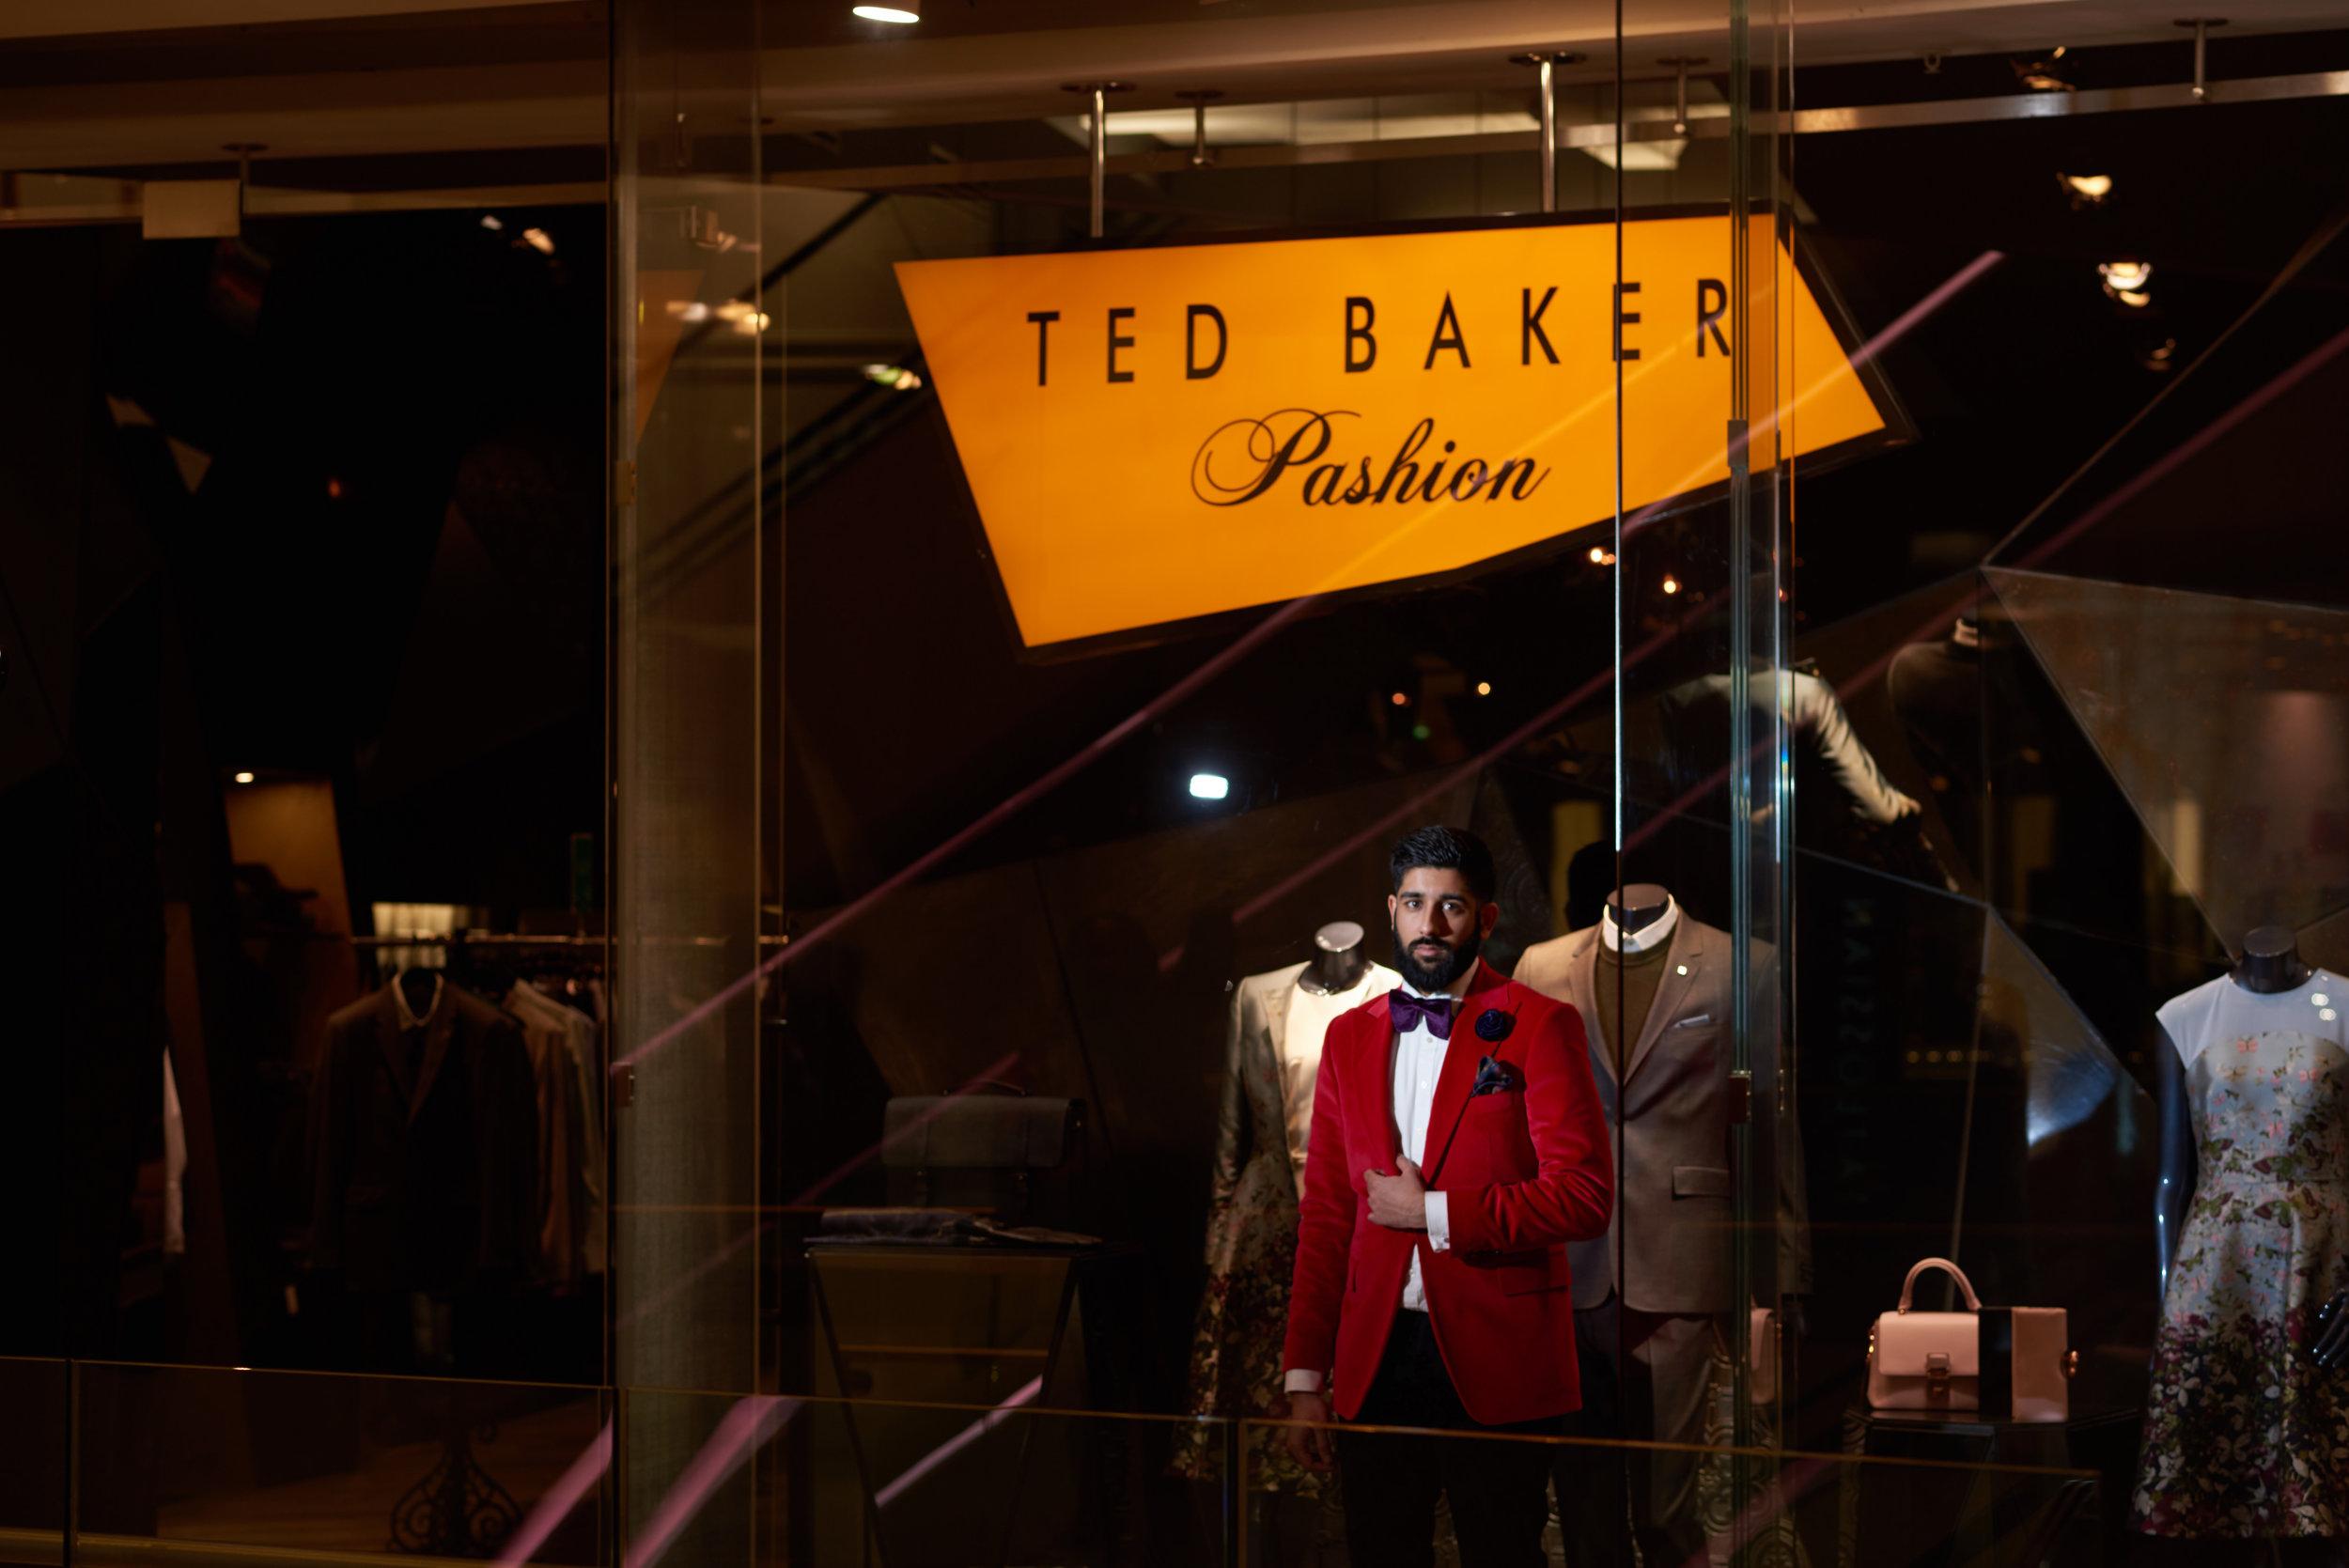 Rash Ted Baker Shoot-141.jpg